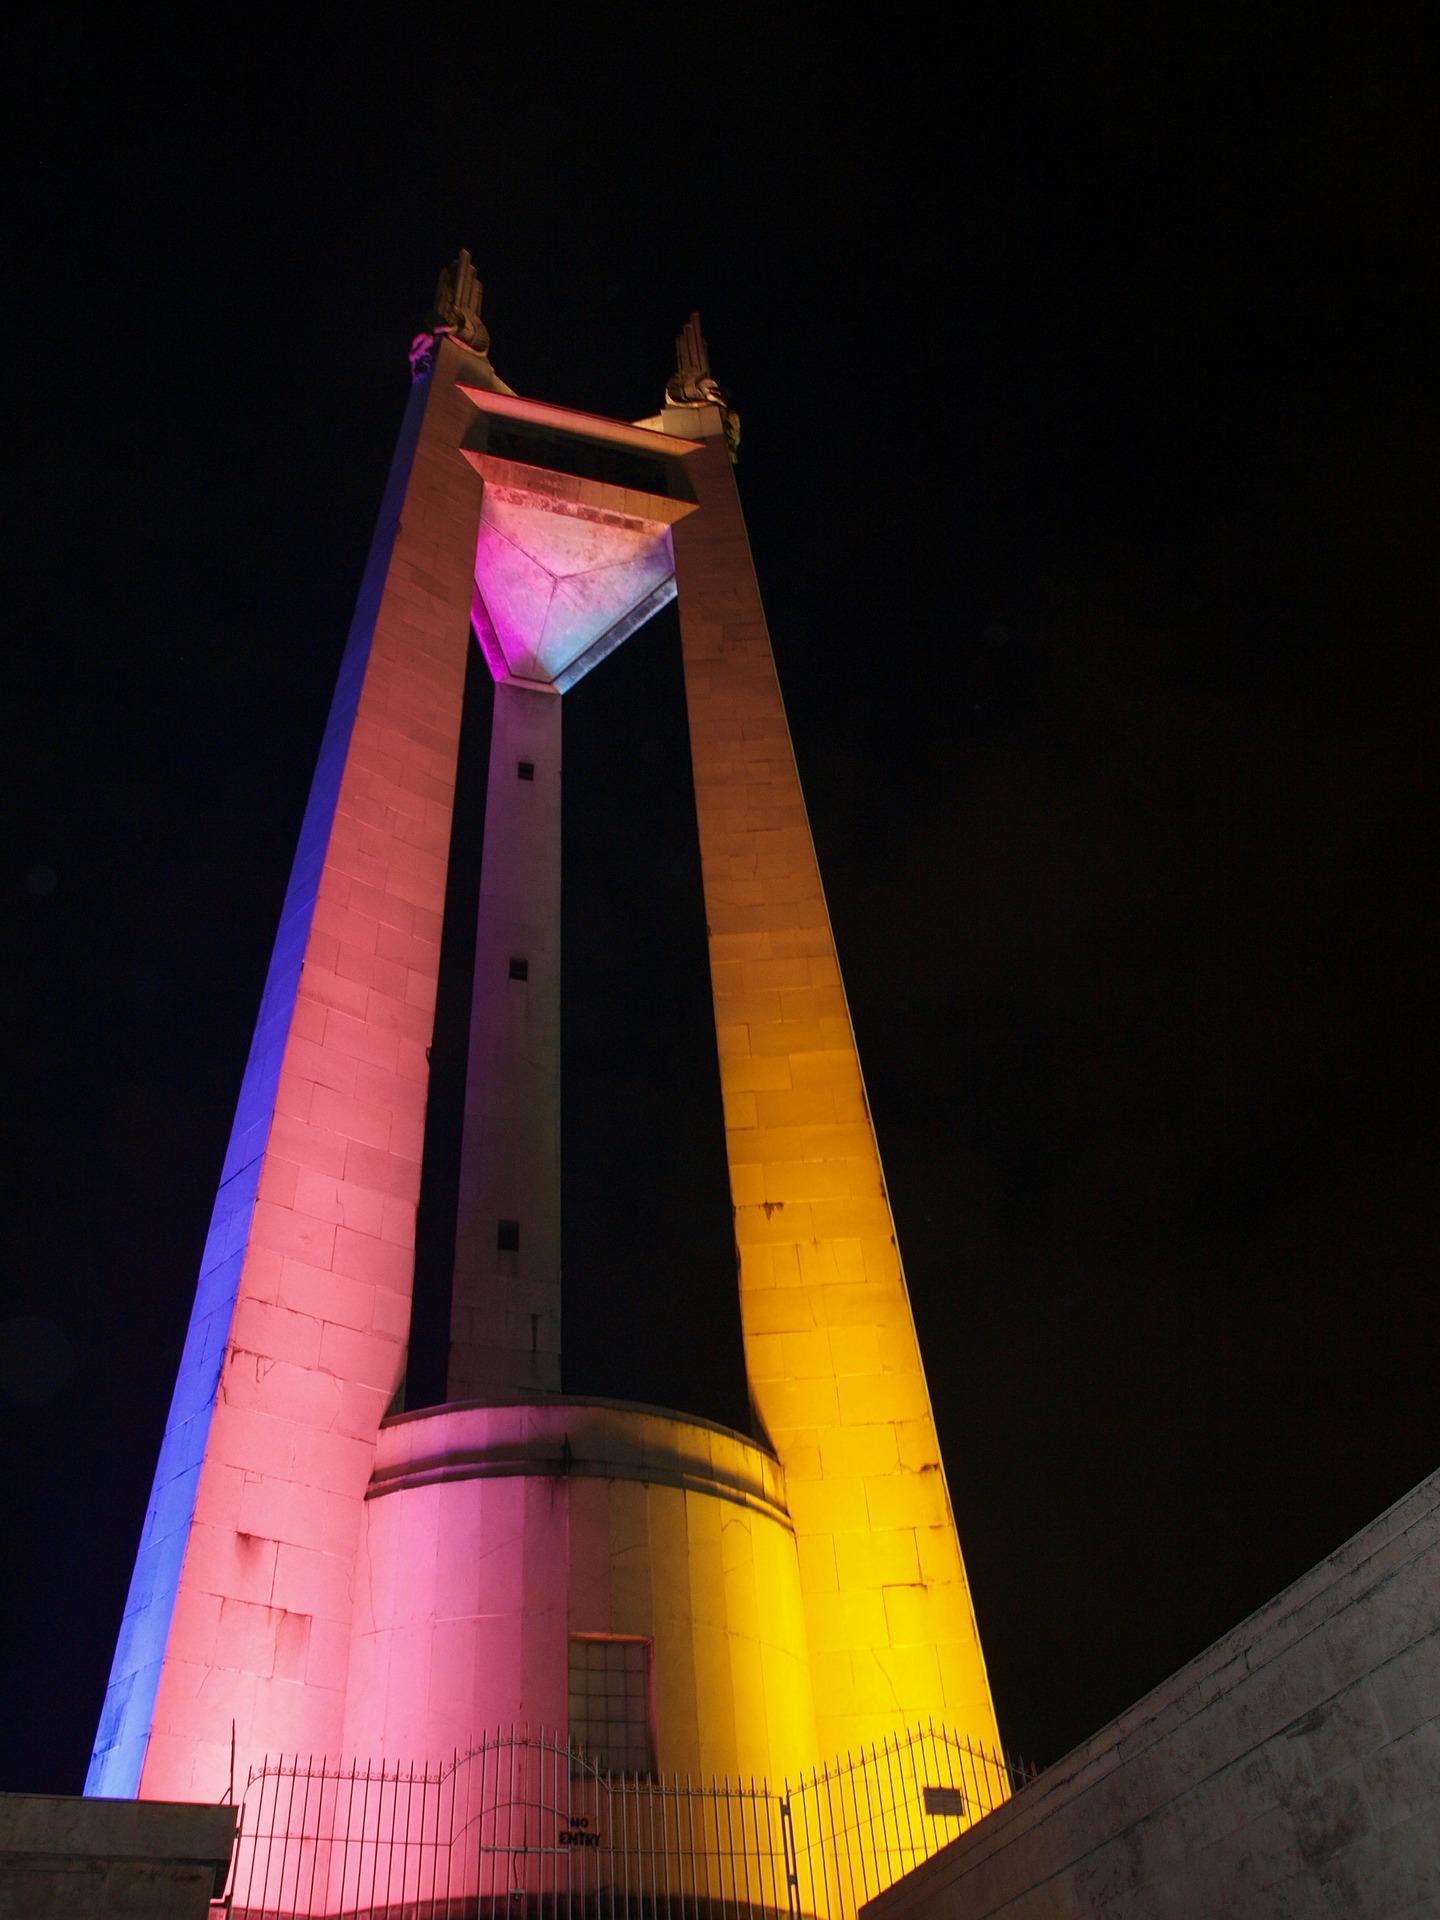 Quezon City, Luzon